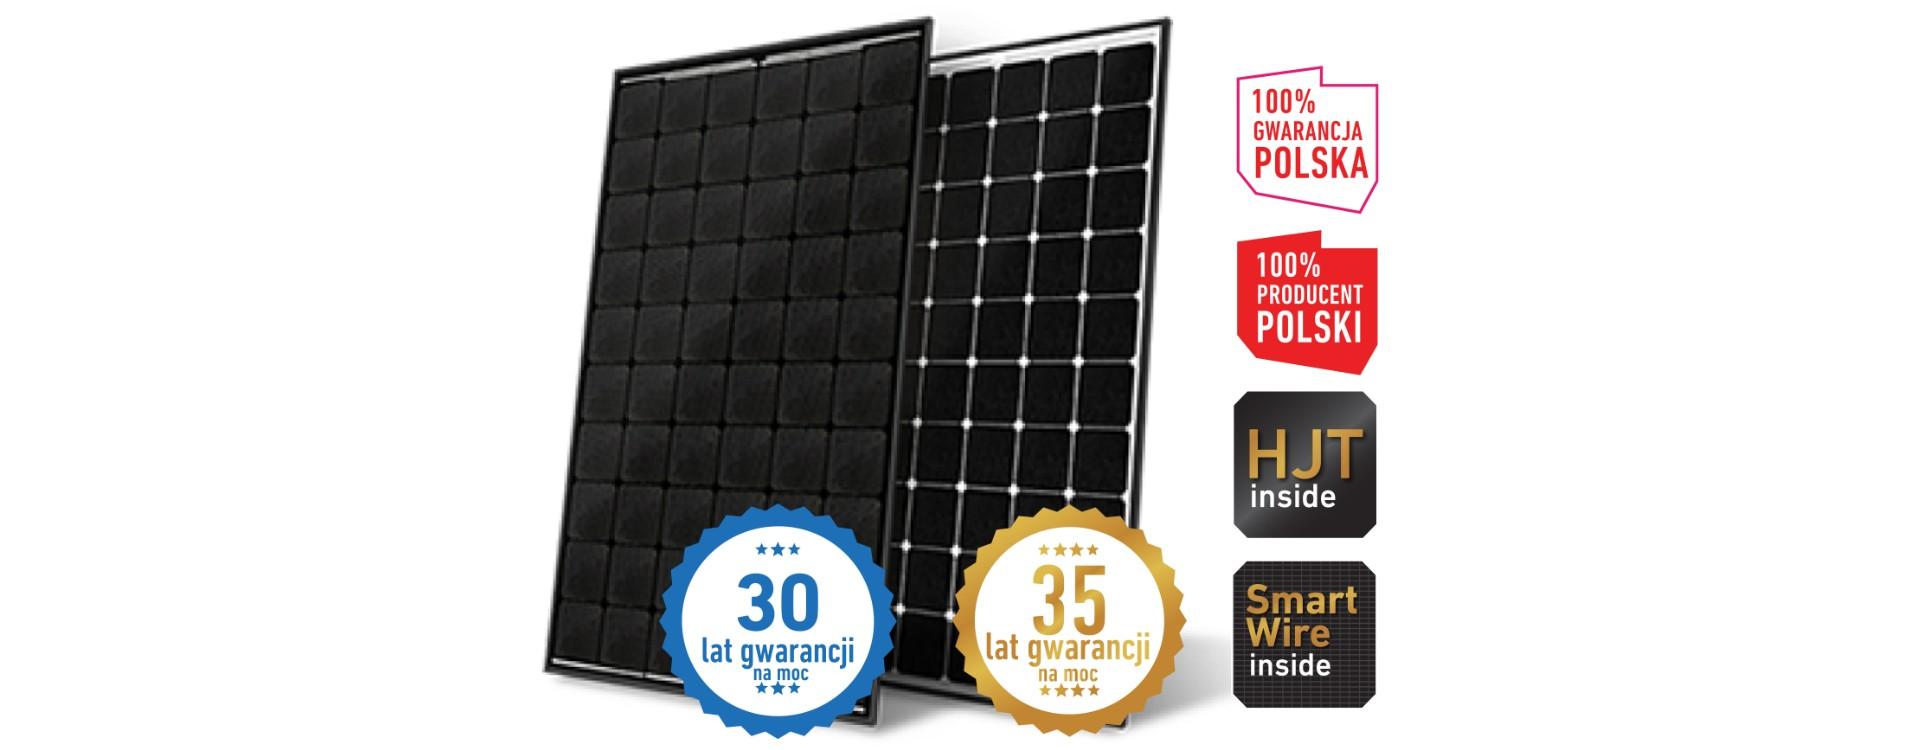 Moduły fotowoltaiczne nowej generacji SW Premium SLIM (HJT) od Hanplast Energy